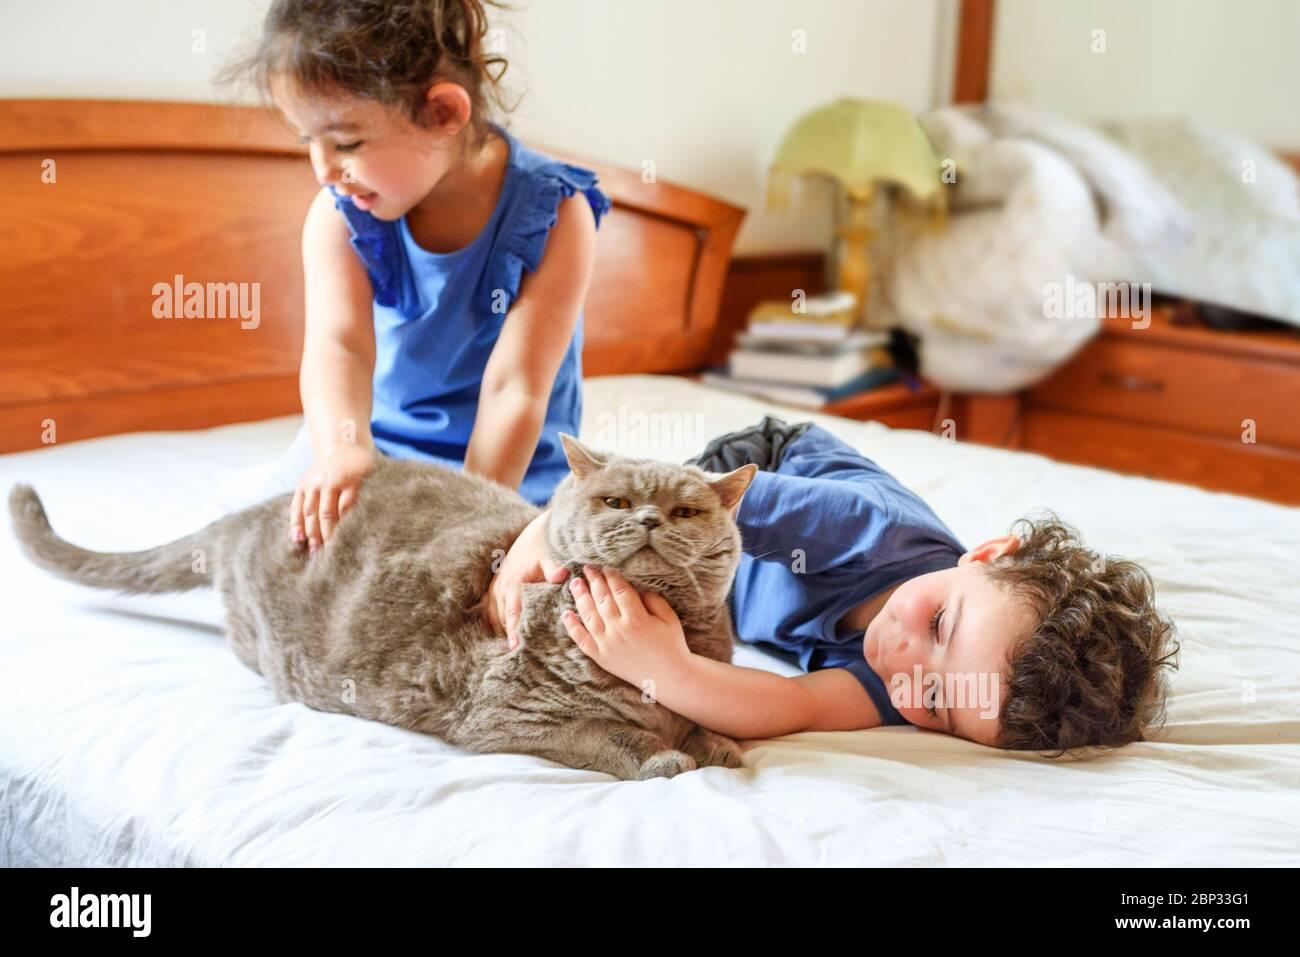 Felici i bambini con il loro animale domestico che si stendono sul letto. Ragazzo e ragazza che giocano con il gatto su un letto in casa. Foto Stock